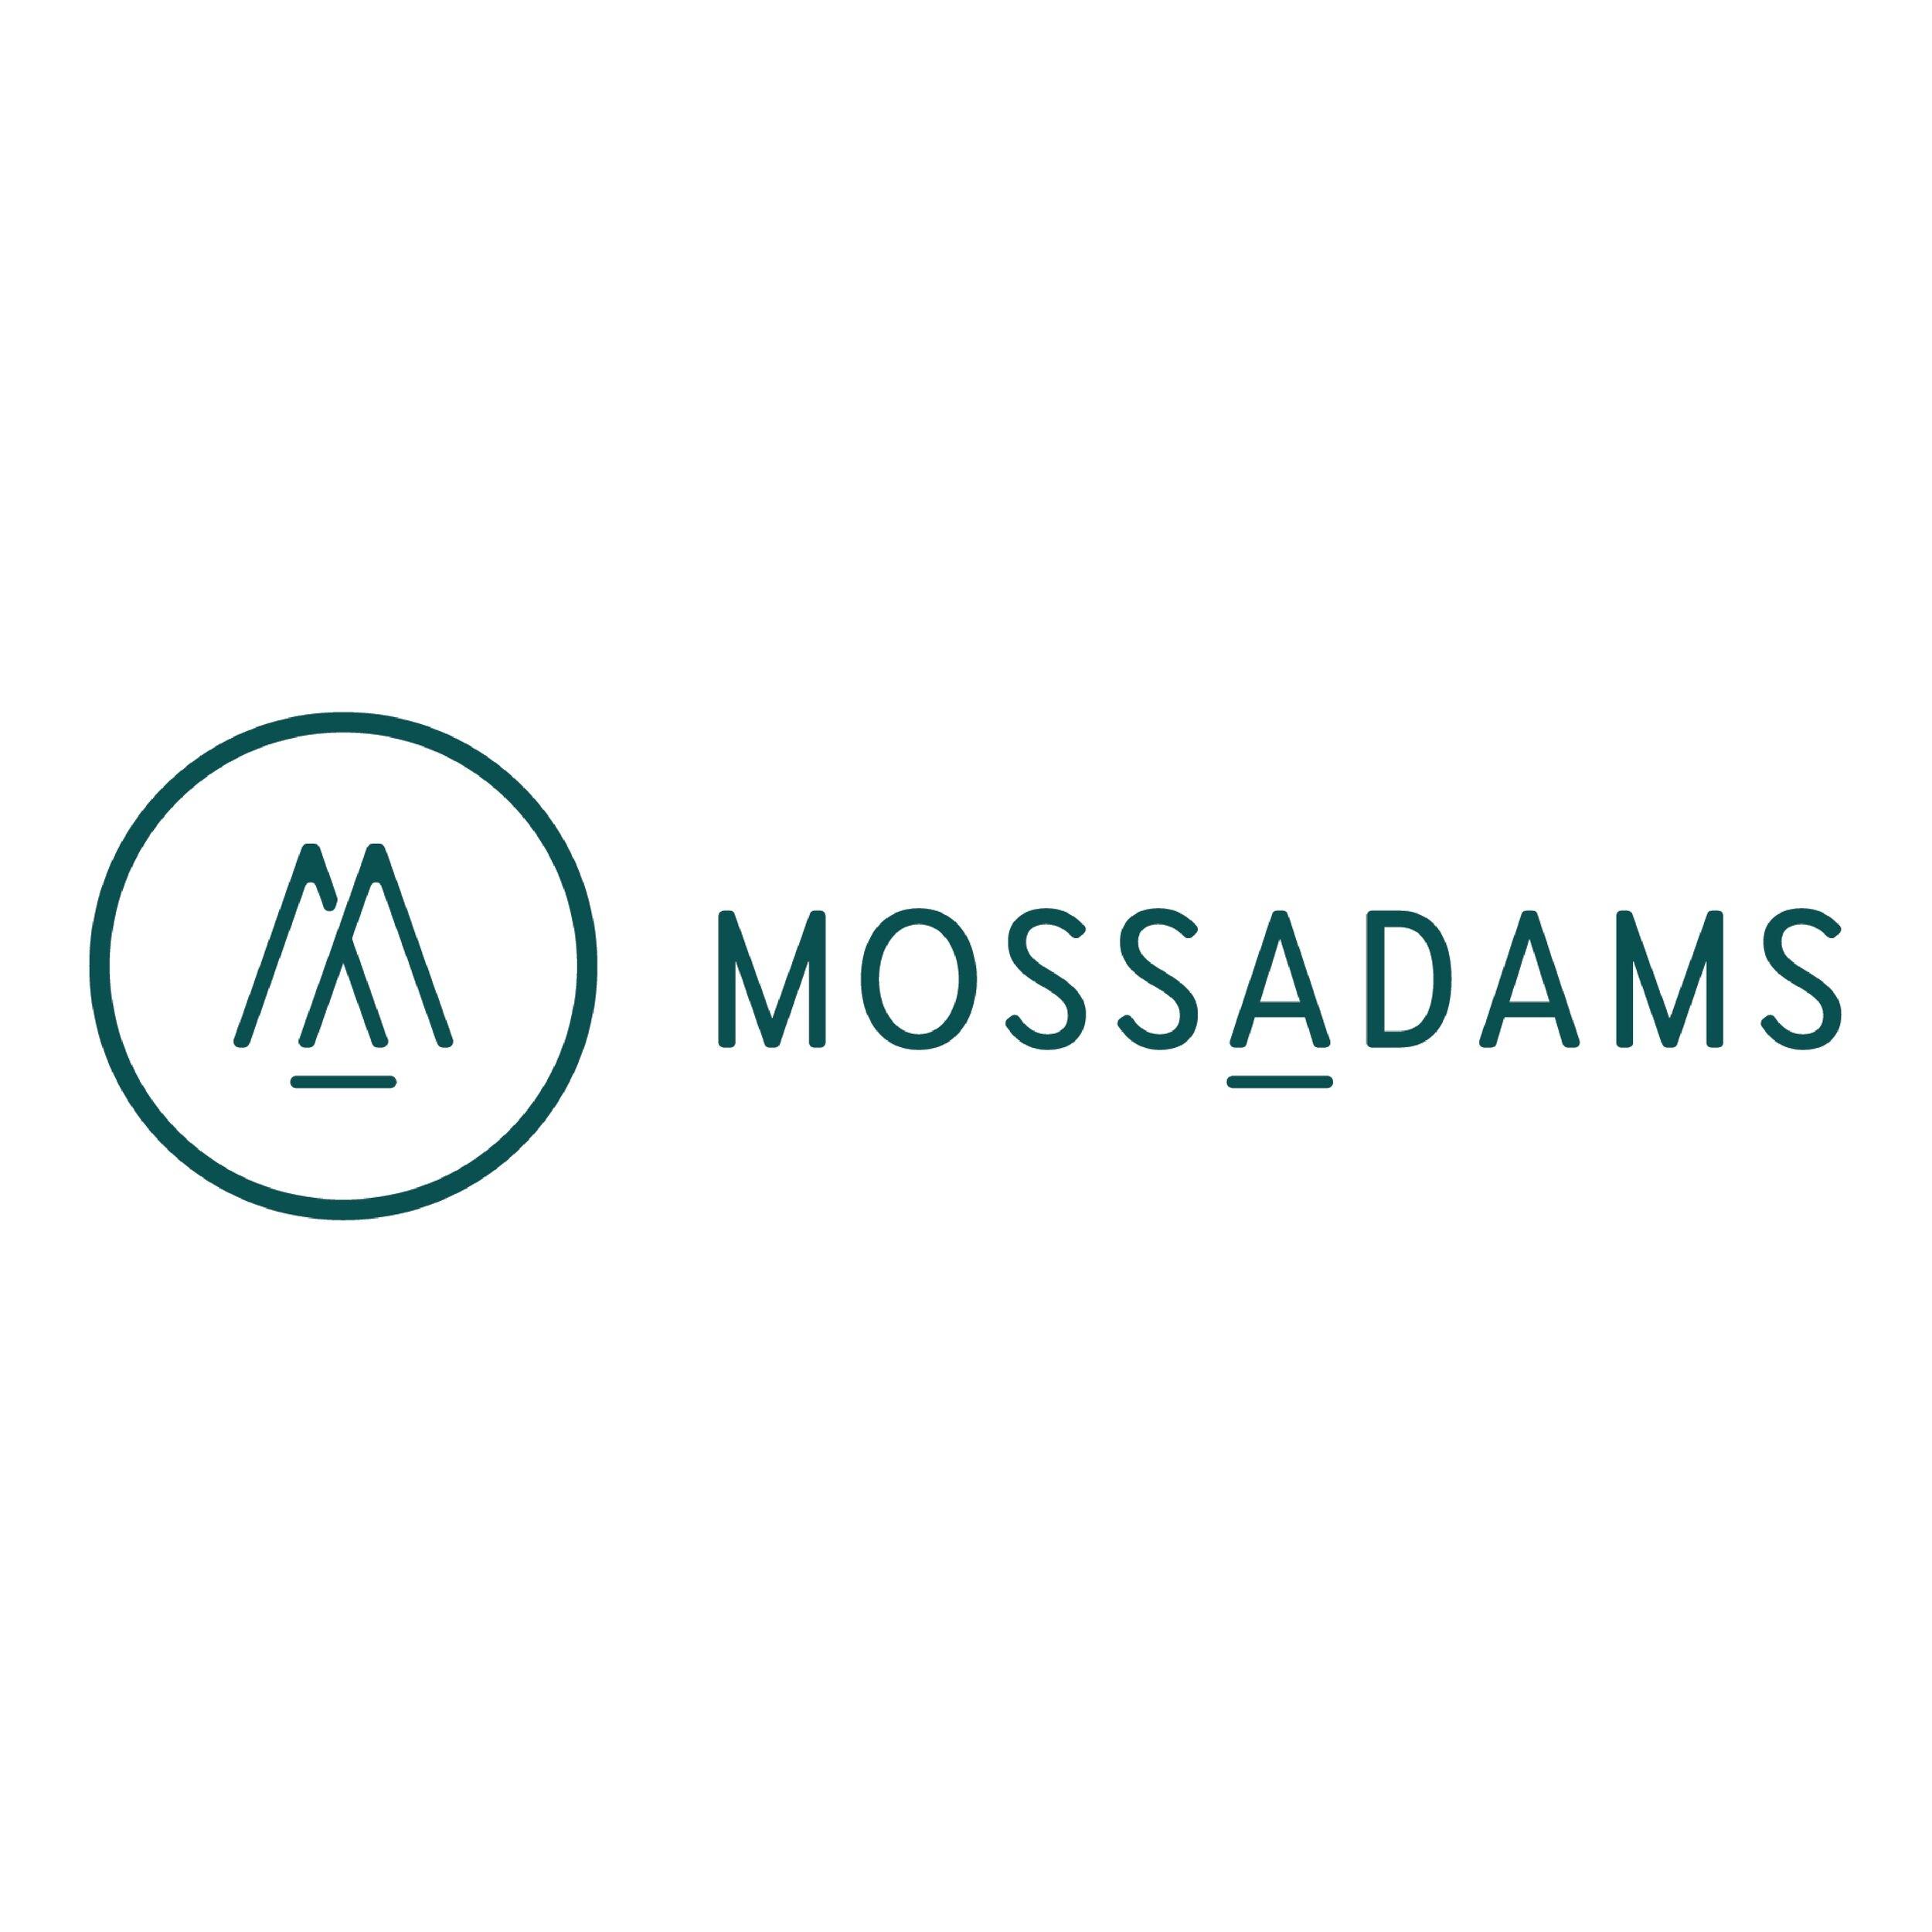 MOSSS+ADAMS.jpg